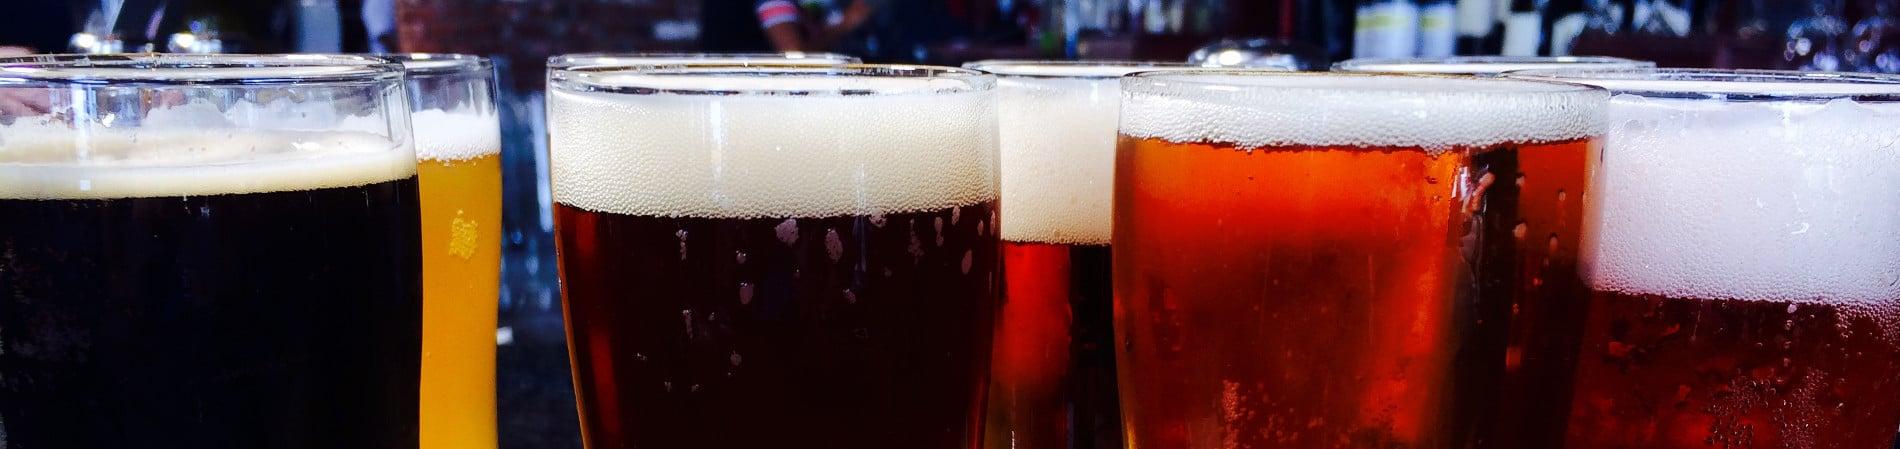 CAMRA Slams Big Beer